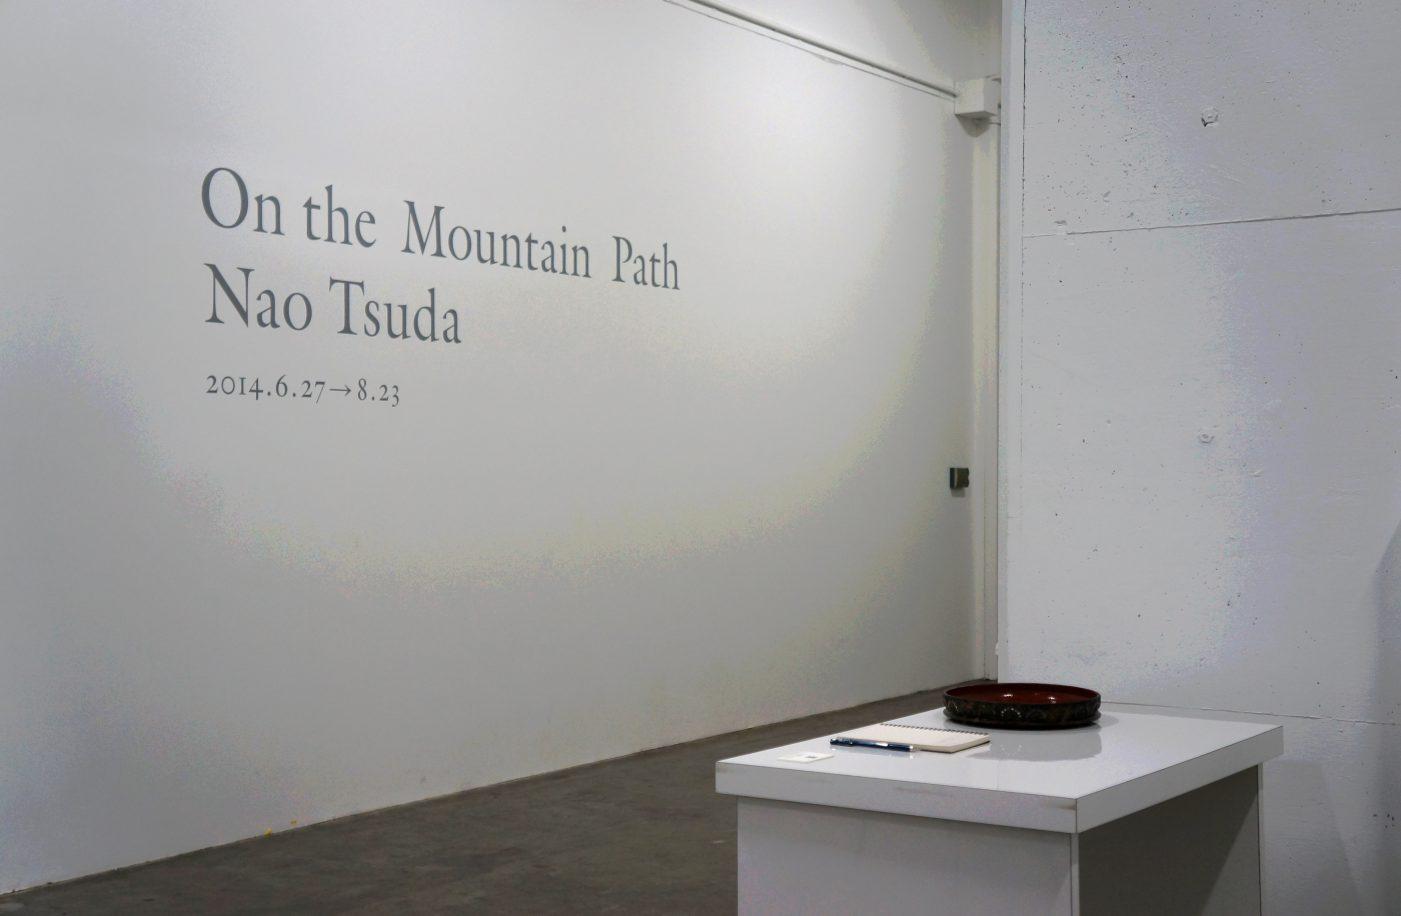 -On the Mountain Path- 津田直のイメージ